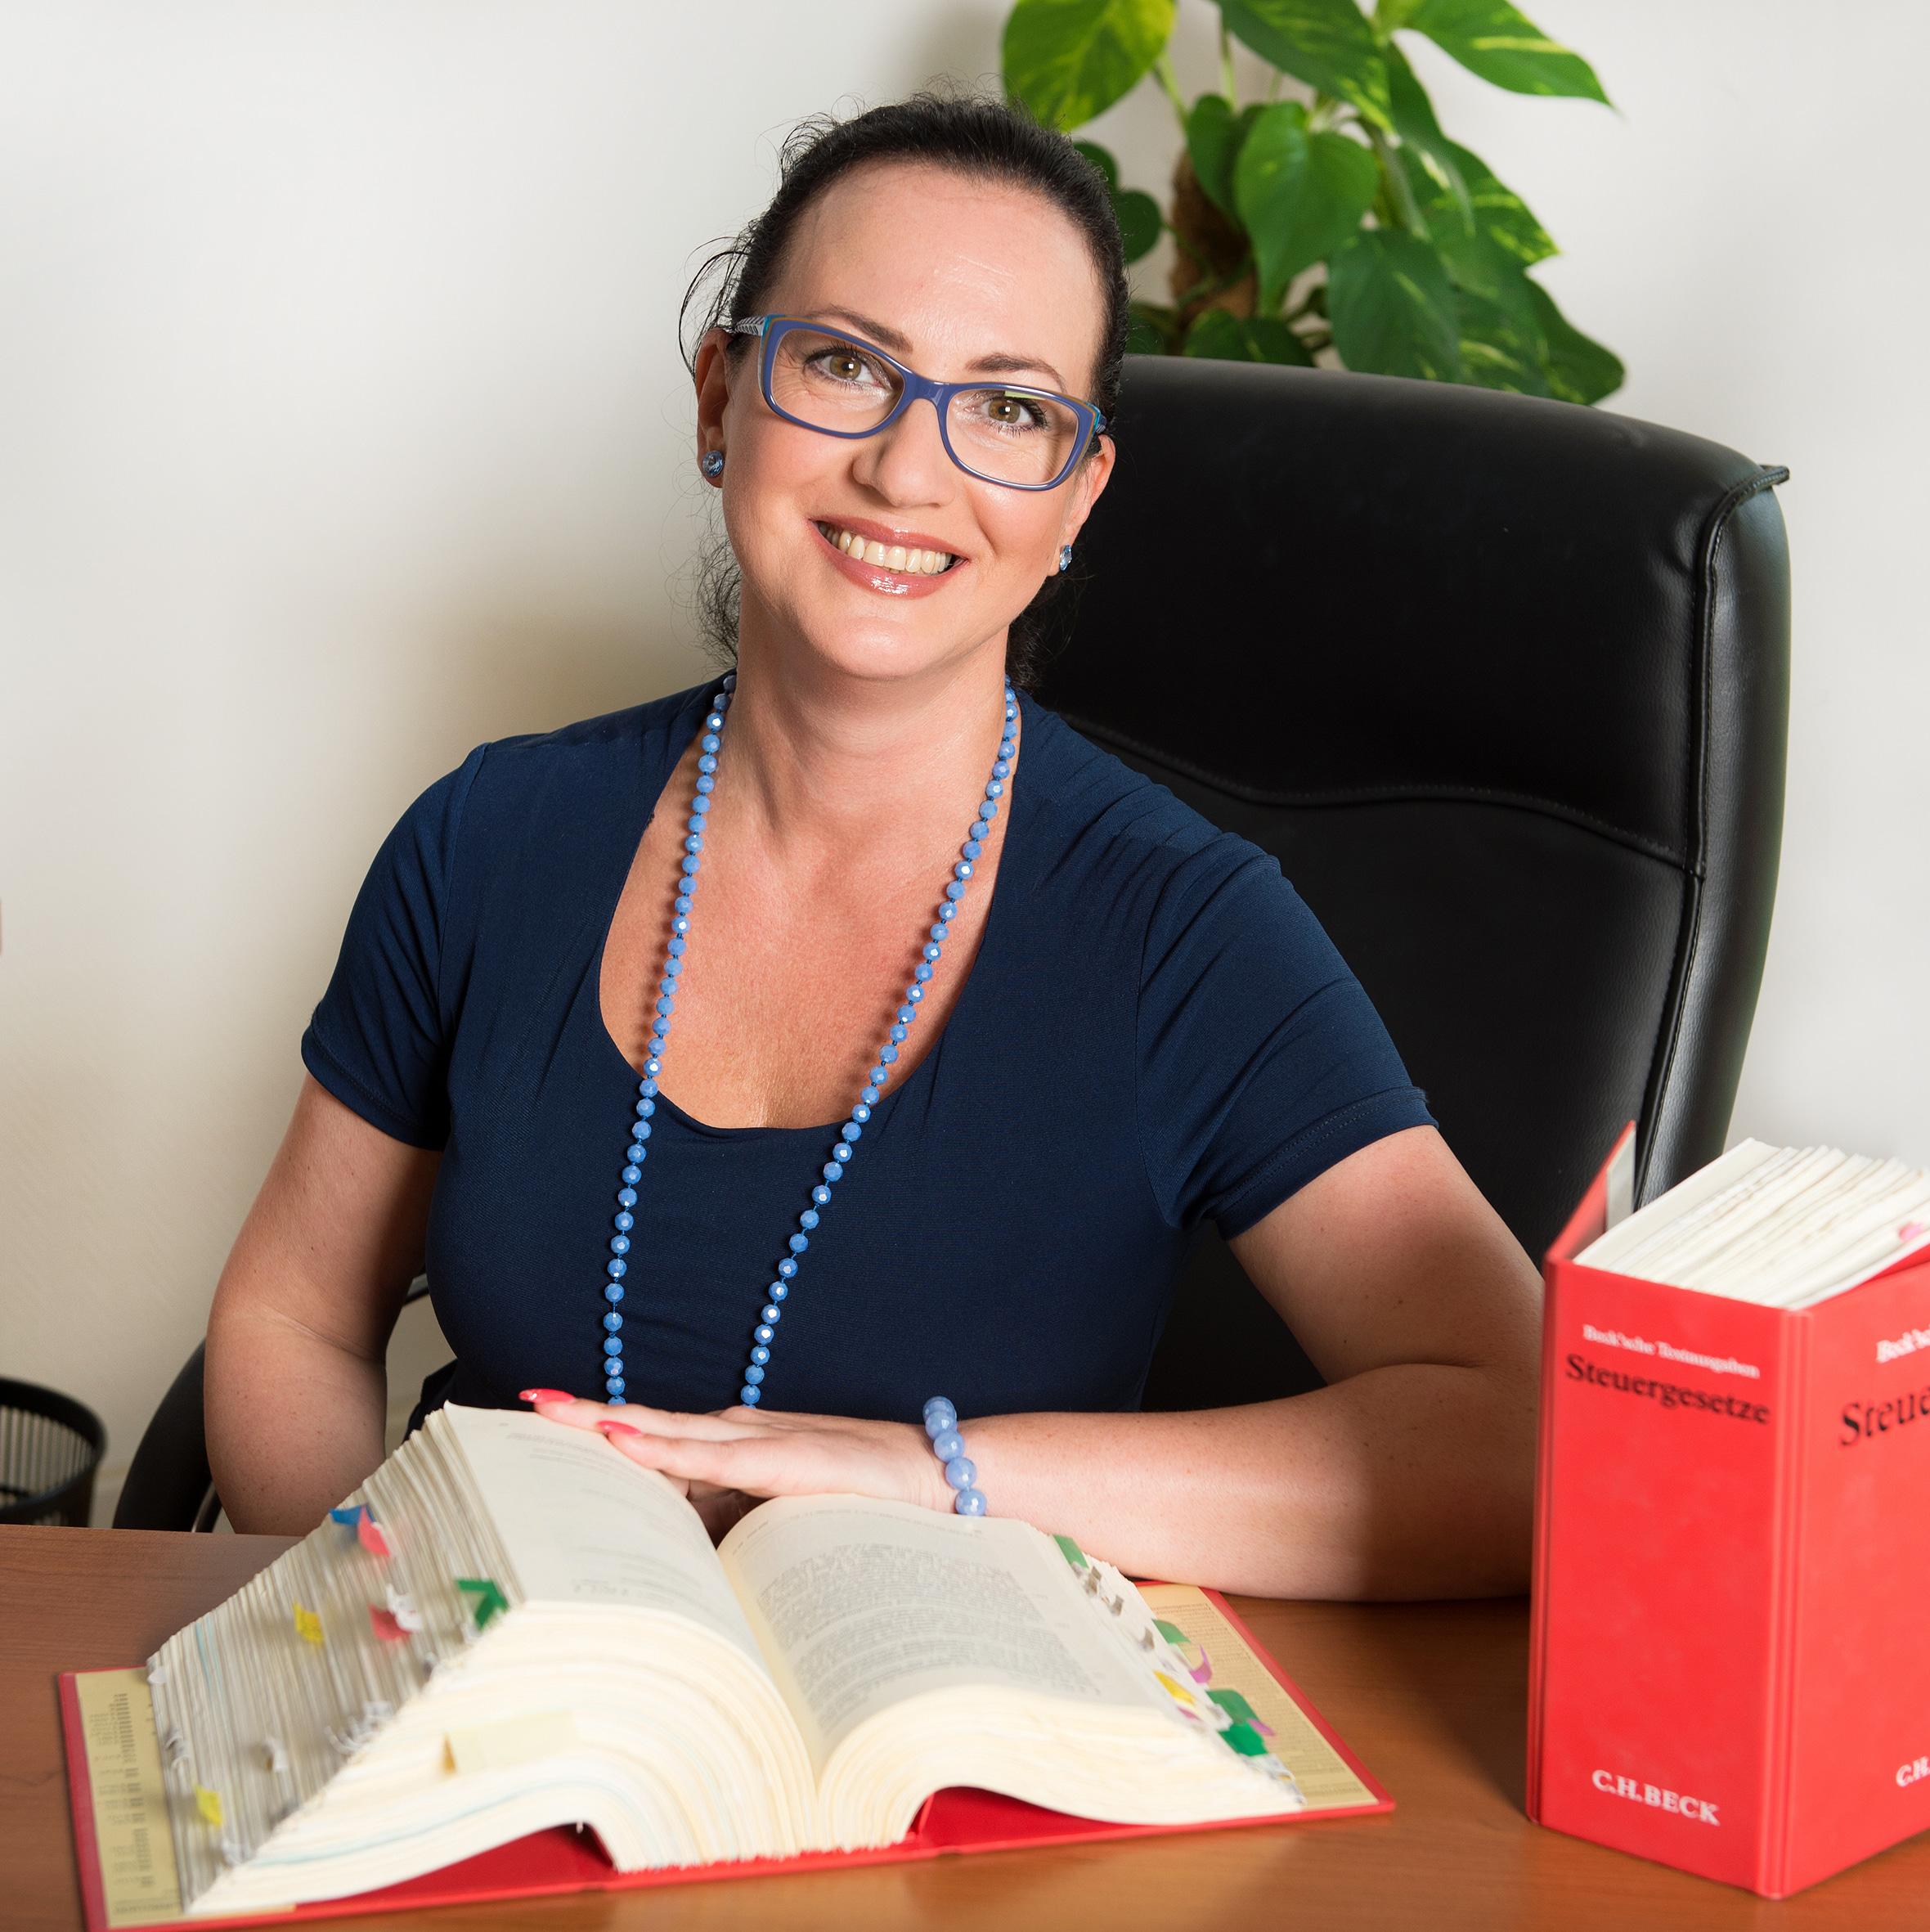 Dipl.-Volksw. Elena Weismann Steuerberaterin Fachberaterin für Internationales Steuerrecht